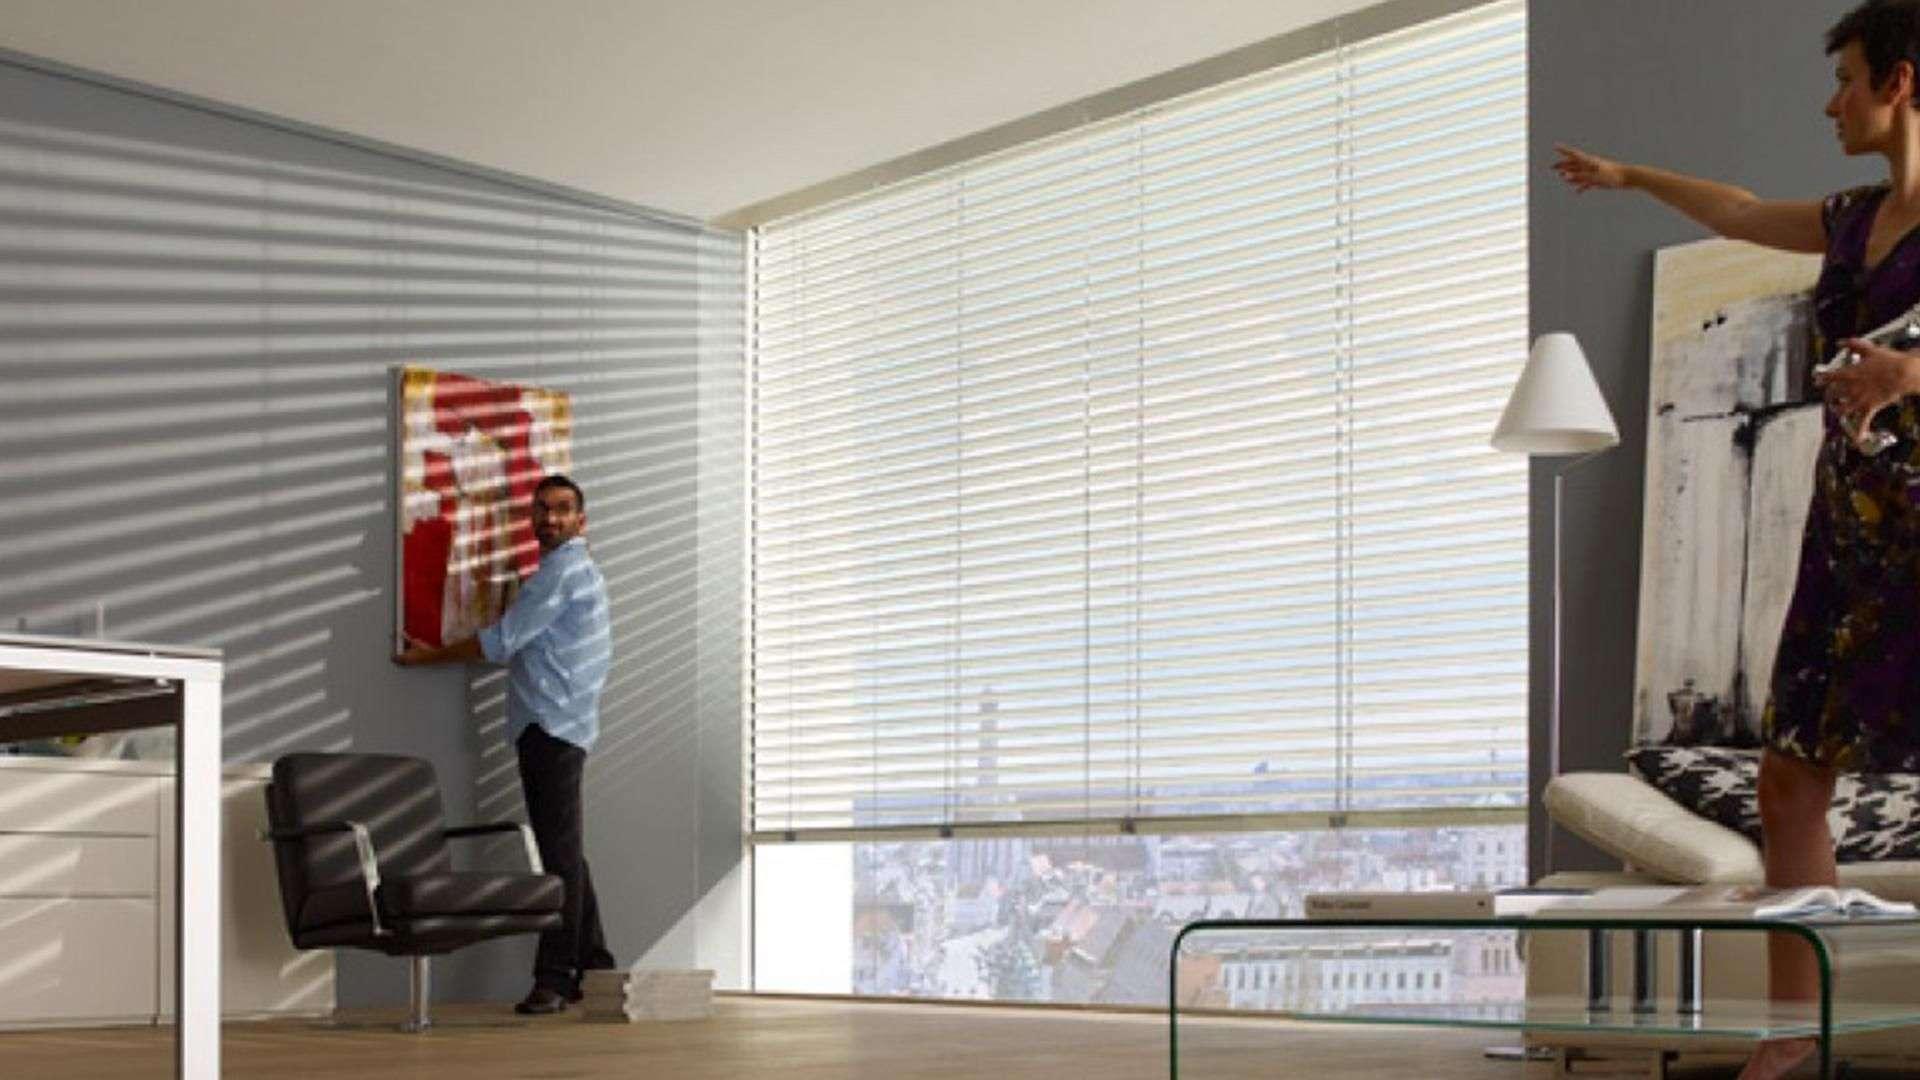 Mann im Raum vor großem Fenster mit halb runtergelassener Jalousie